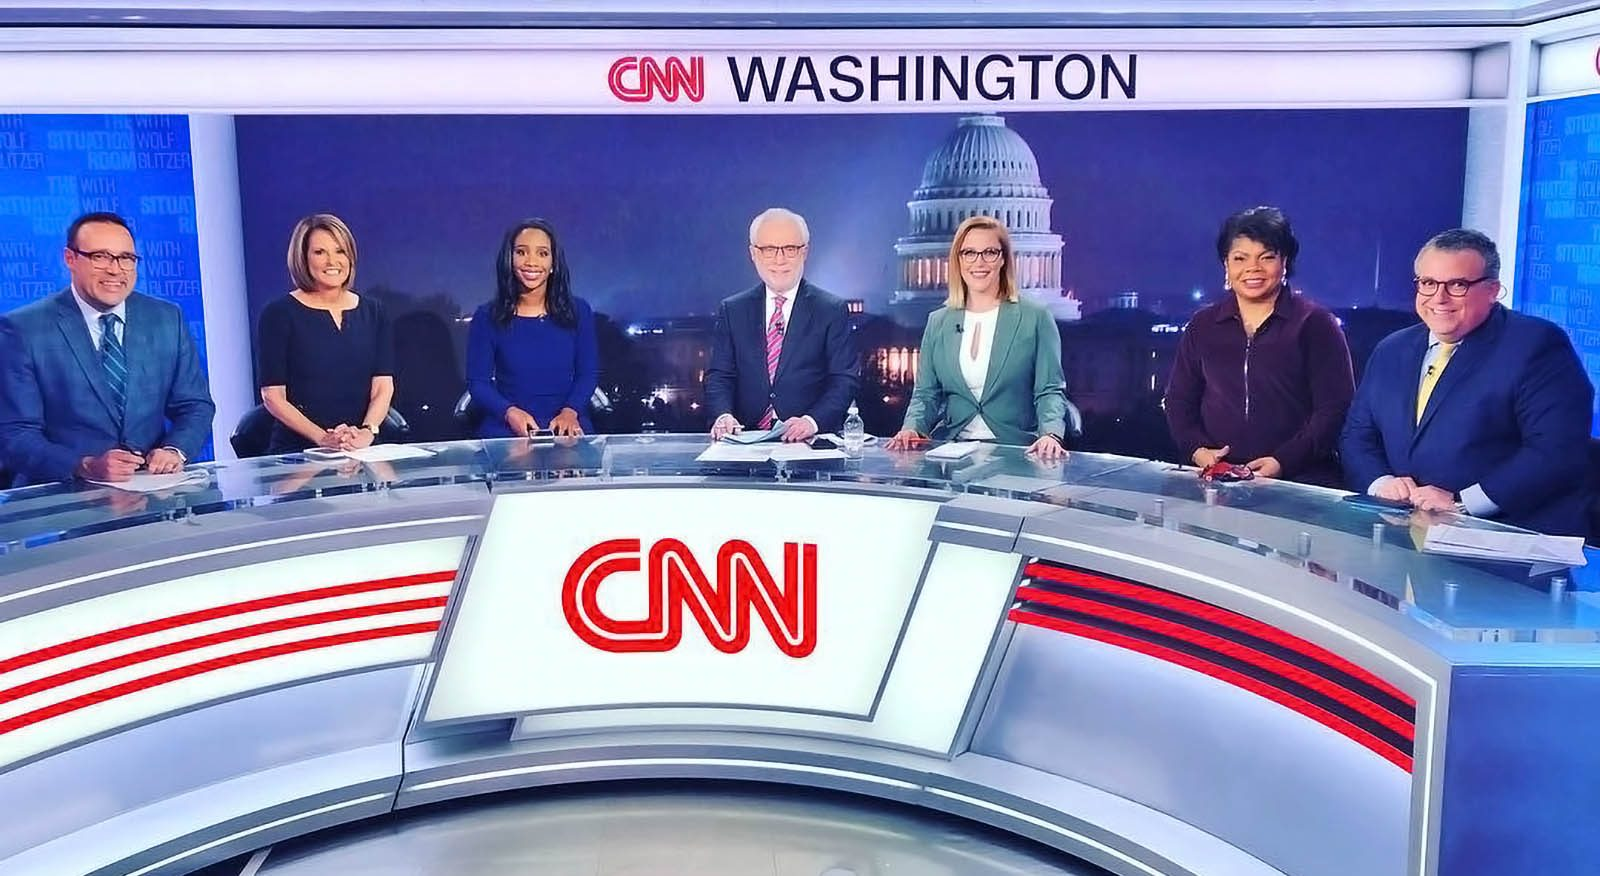 CNN Washington newscasters